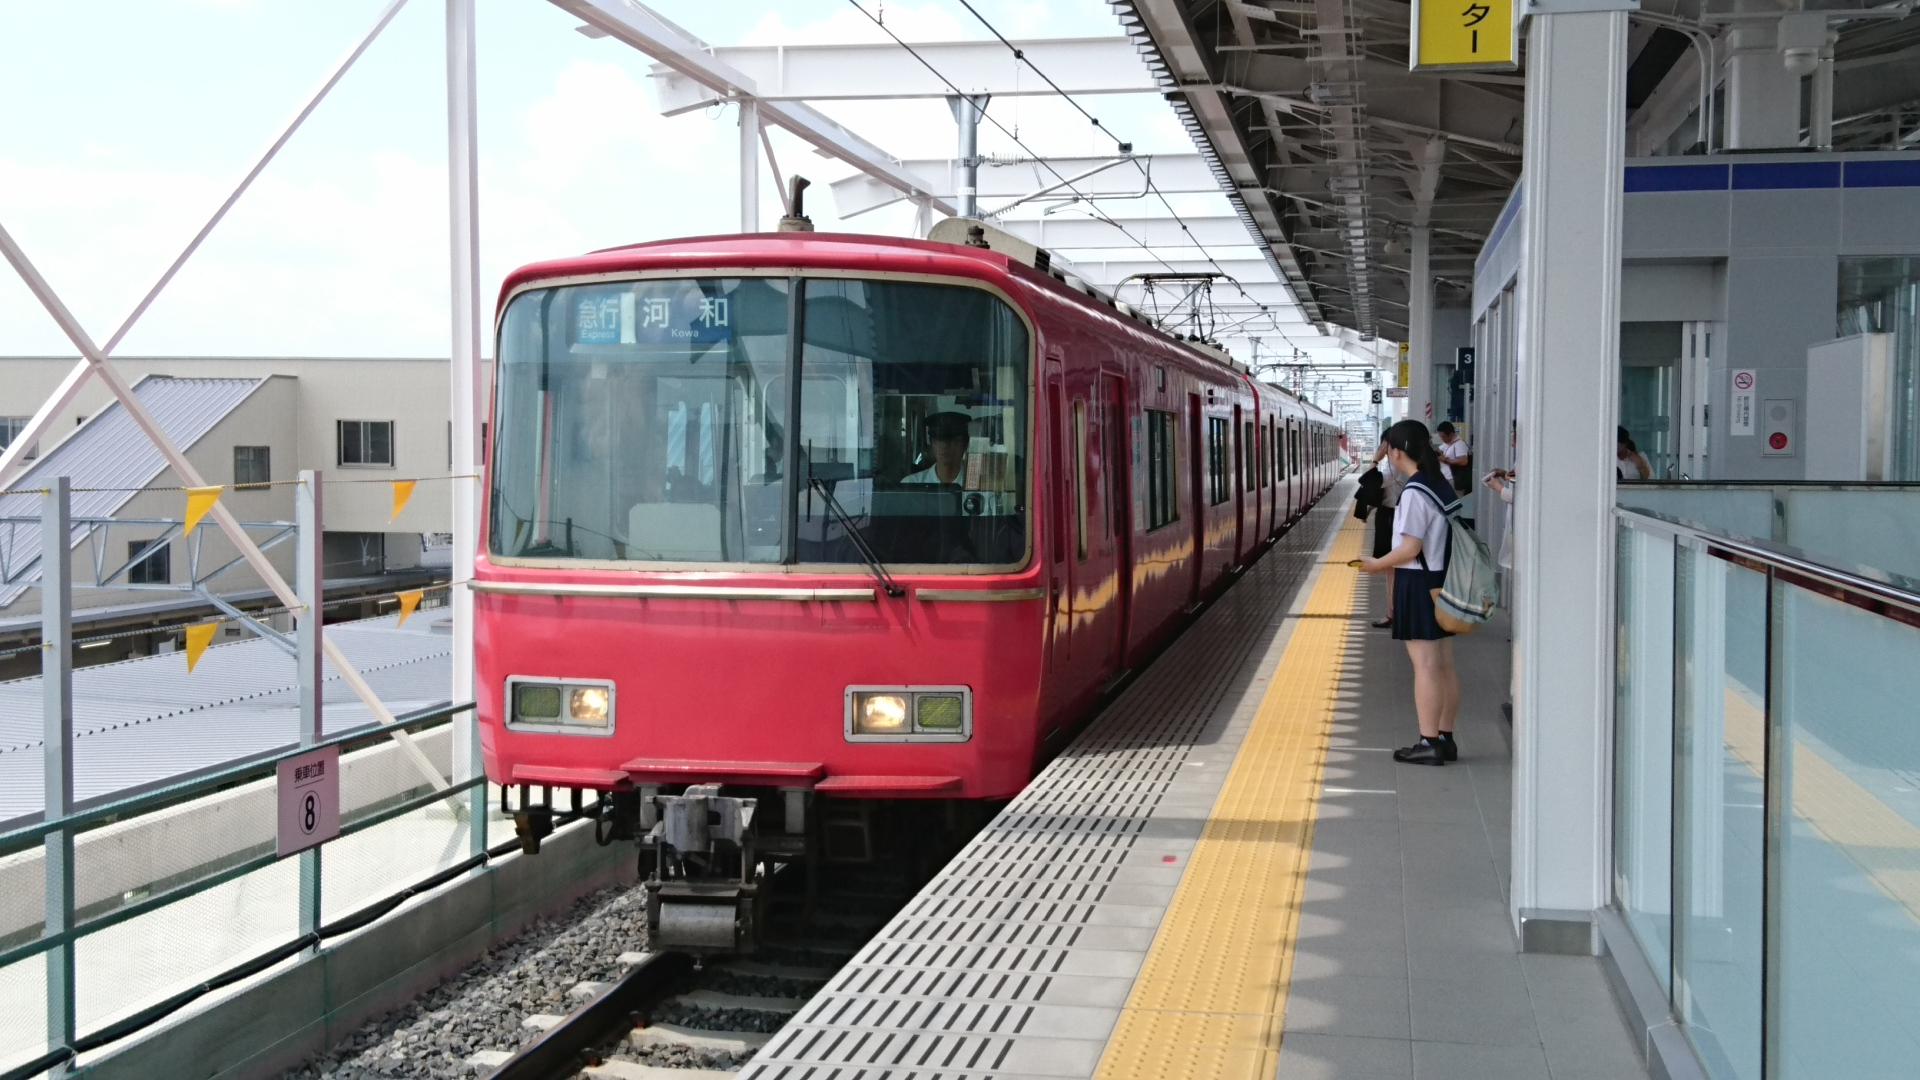 2017.7.19 布袋 (69) 布袋 - 河和いき急行 1920-1080